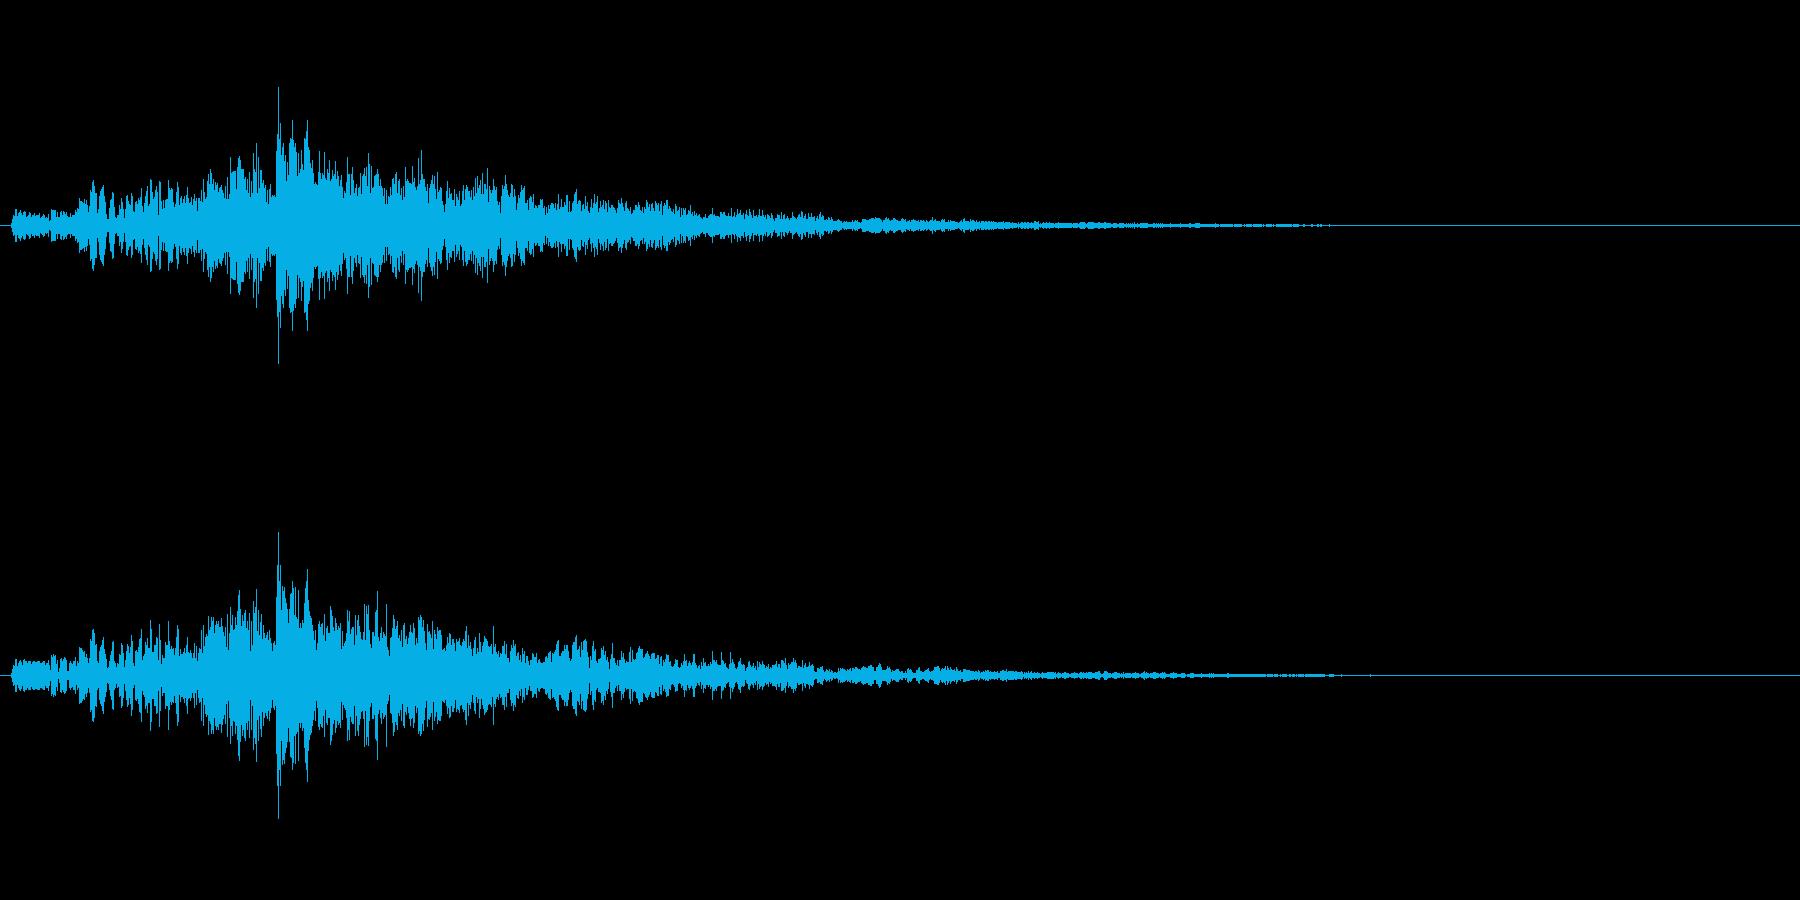 ゲームやアプリ用シンセ上昇アルペジオの再生済みの波形